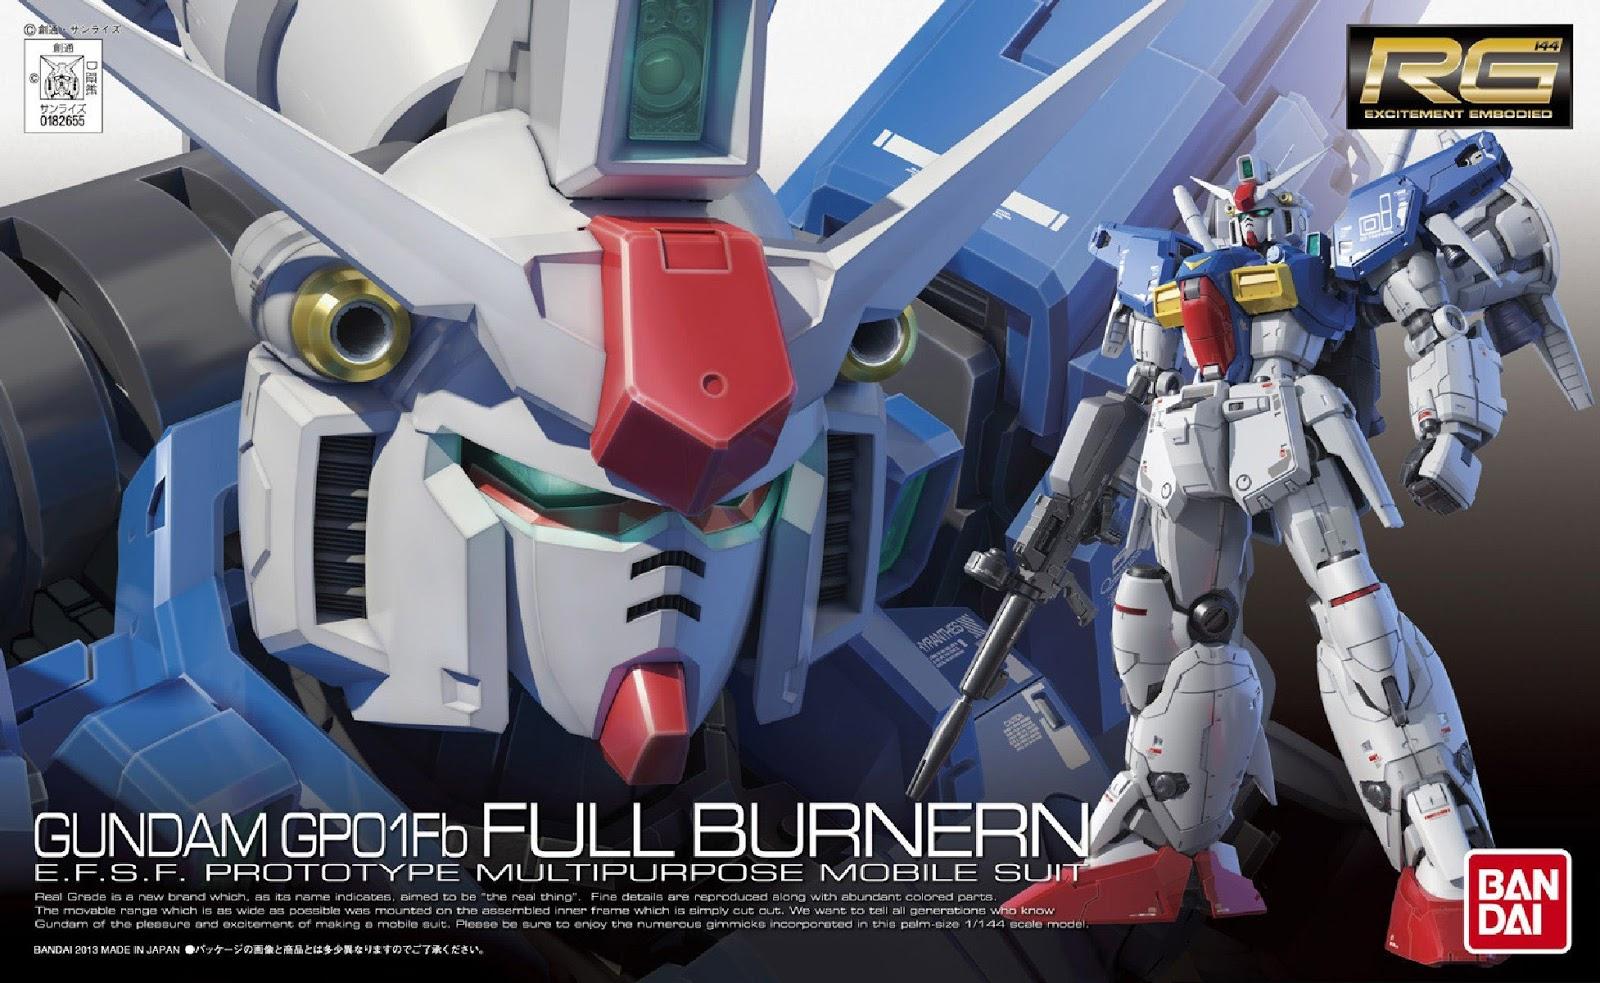 """RG 1/144 RX-78GP01Fb ガンダム試作1号機 ゼフィランサス フルバーニアン [Gundam """"Zephyranthes"""" Full Burnern]"""